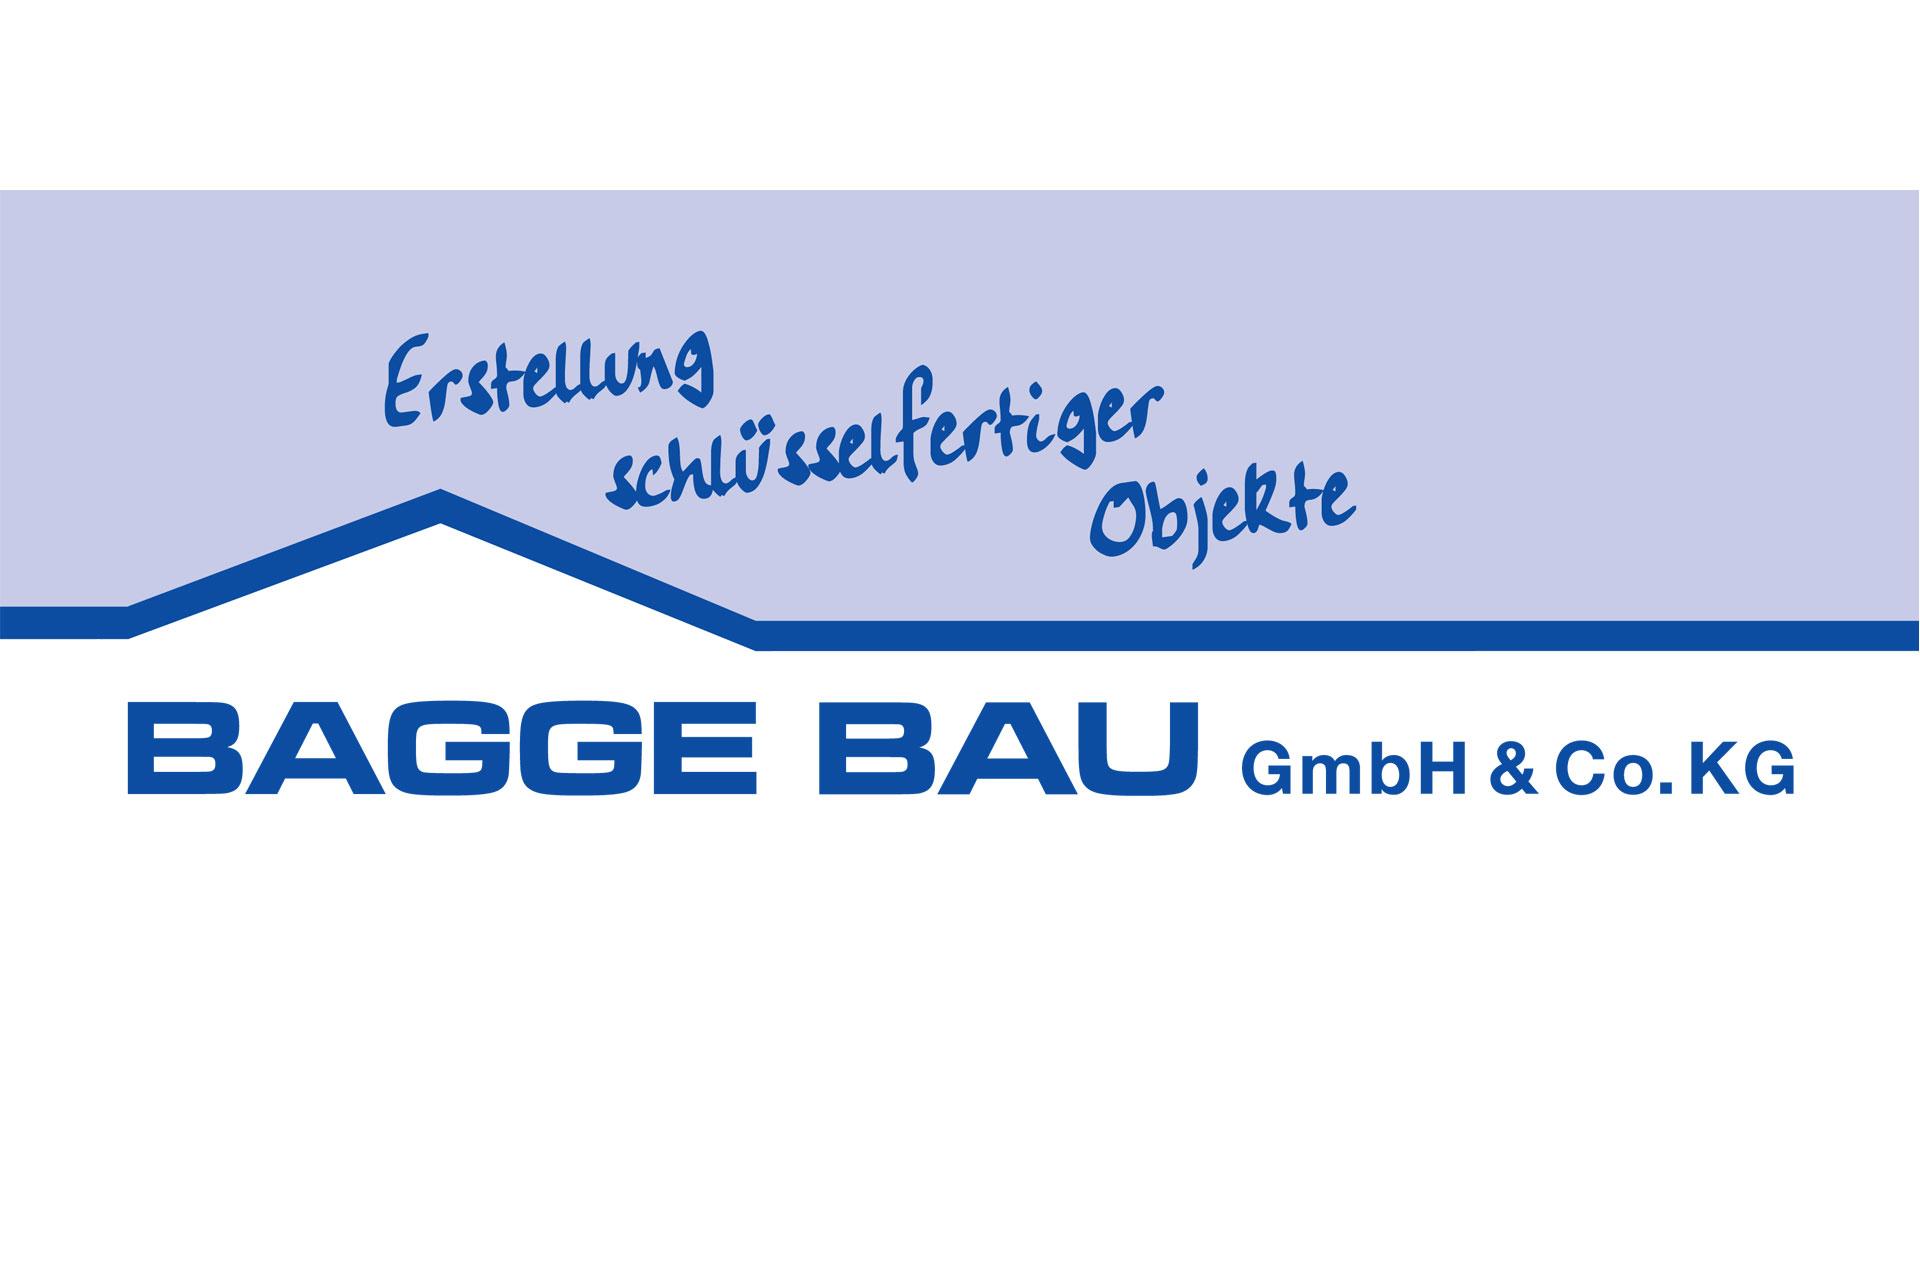 bagge logo 1920